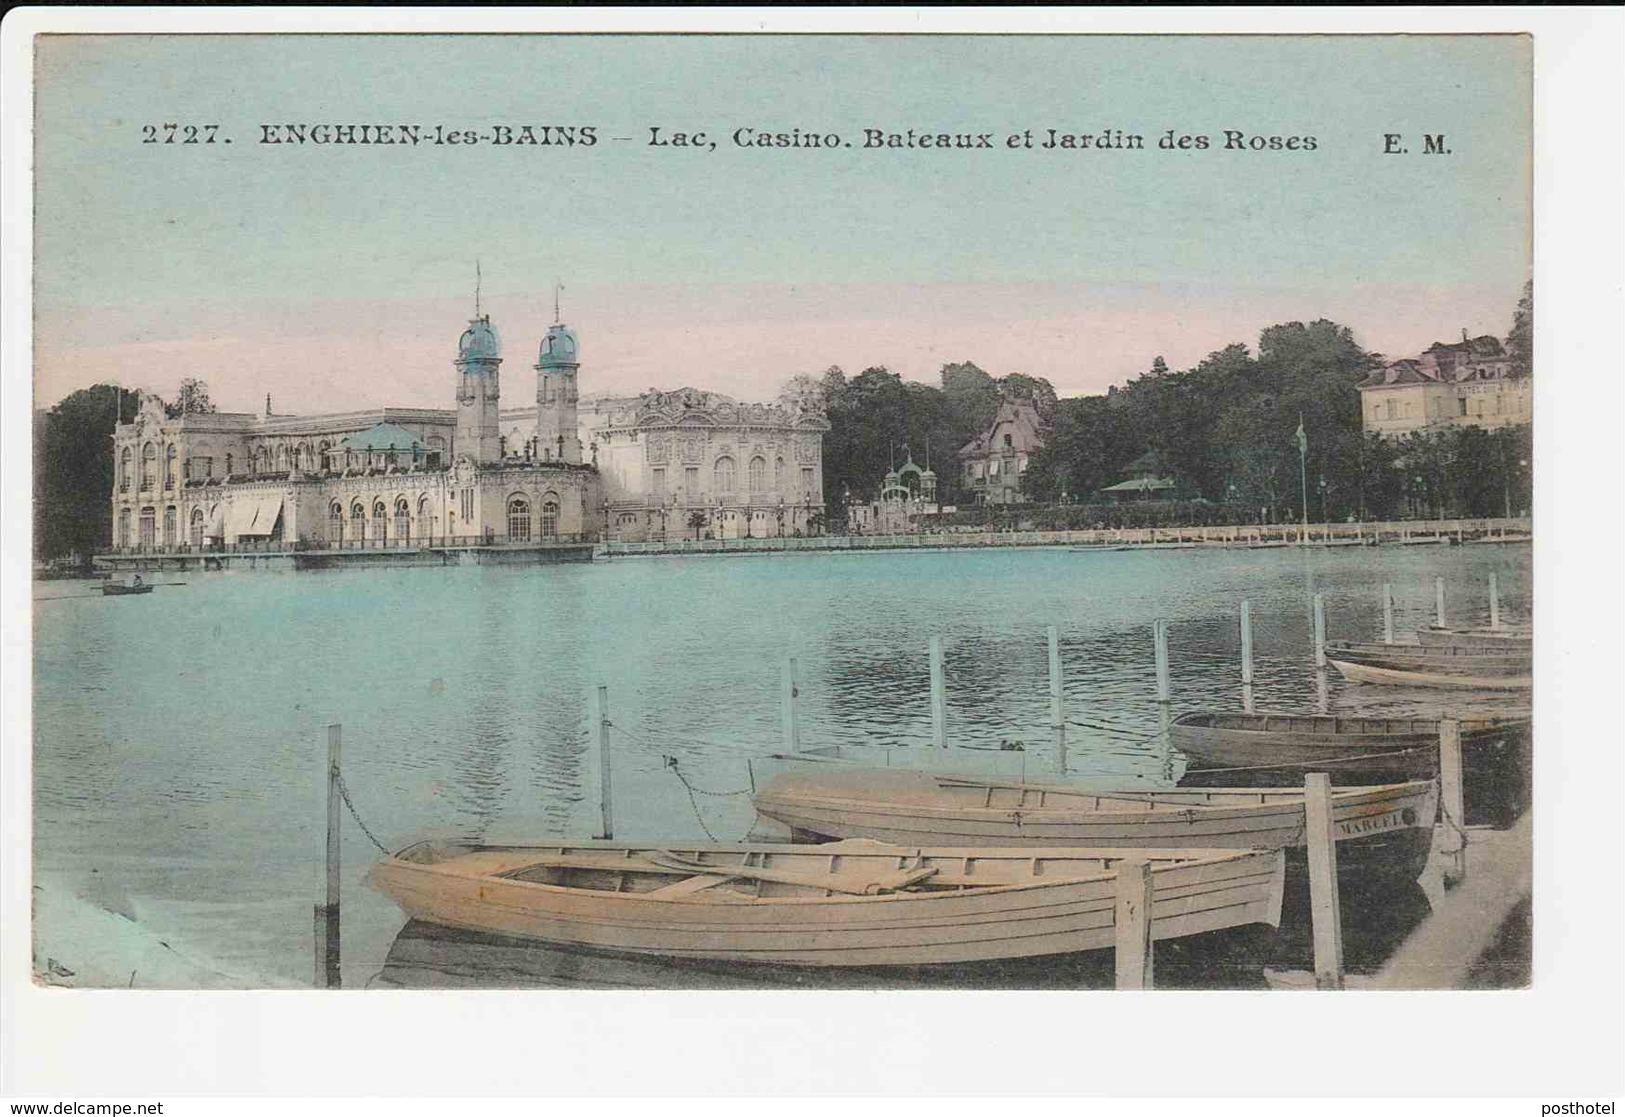 Enghien Les Bains - Lac Casino Bateaux Et Jardin Des Roses - Enghien Les Bains